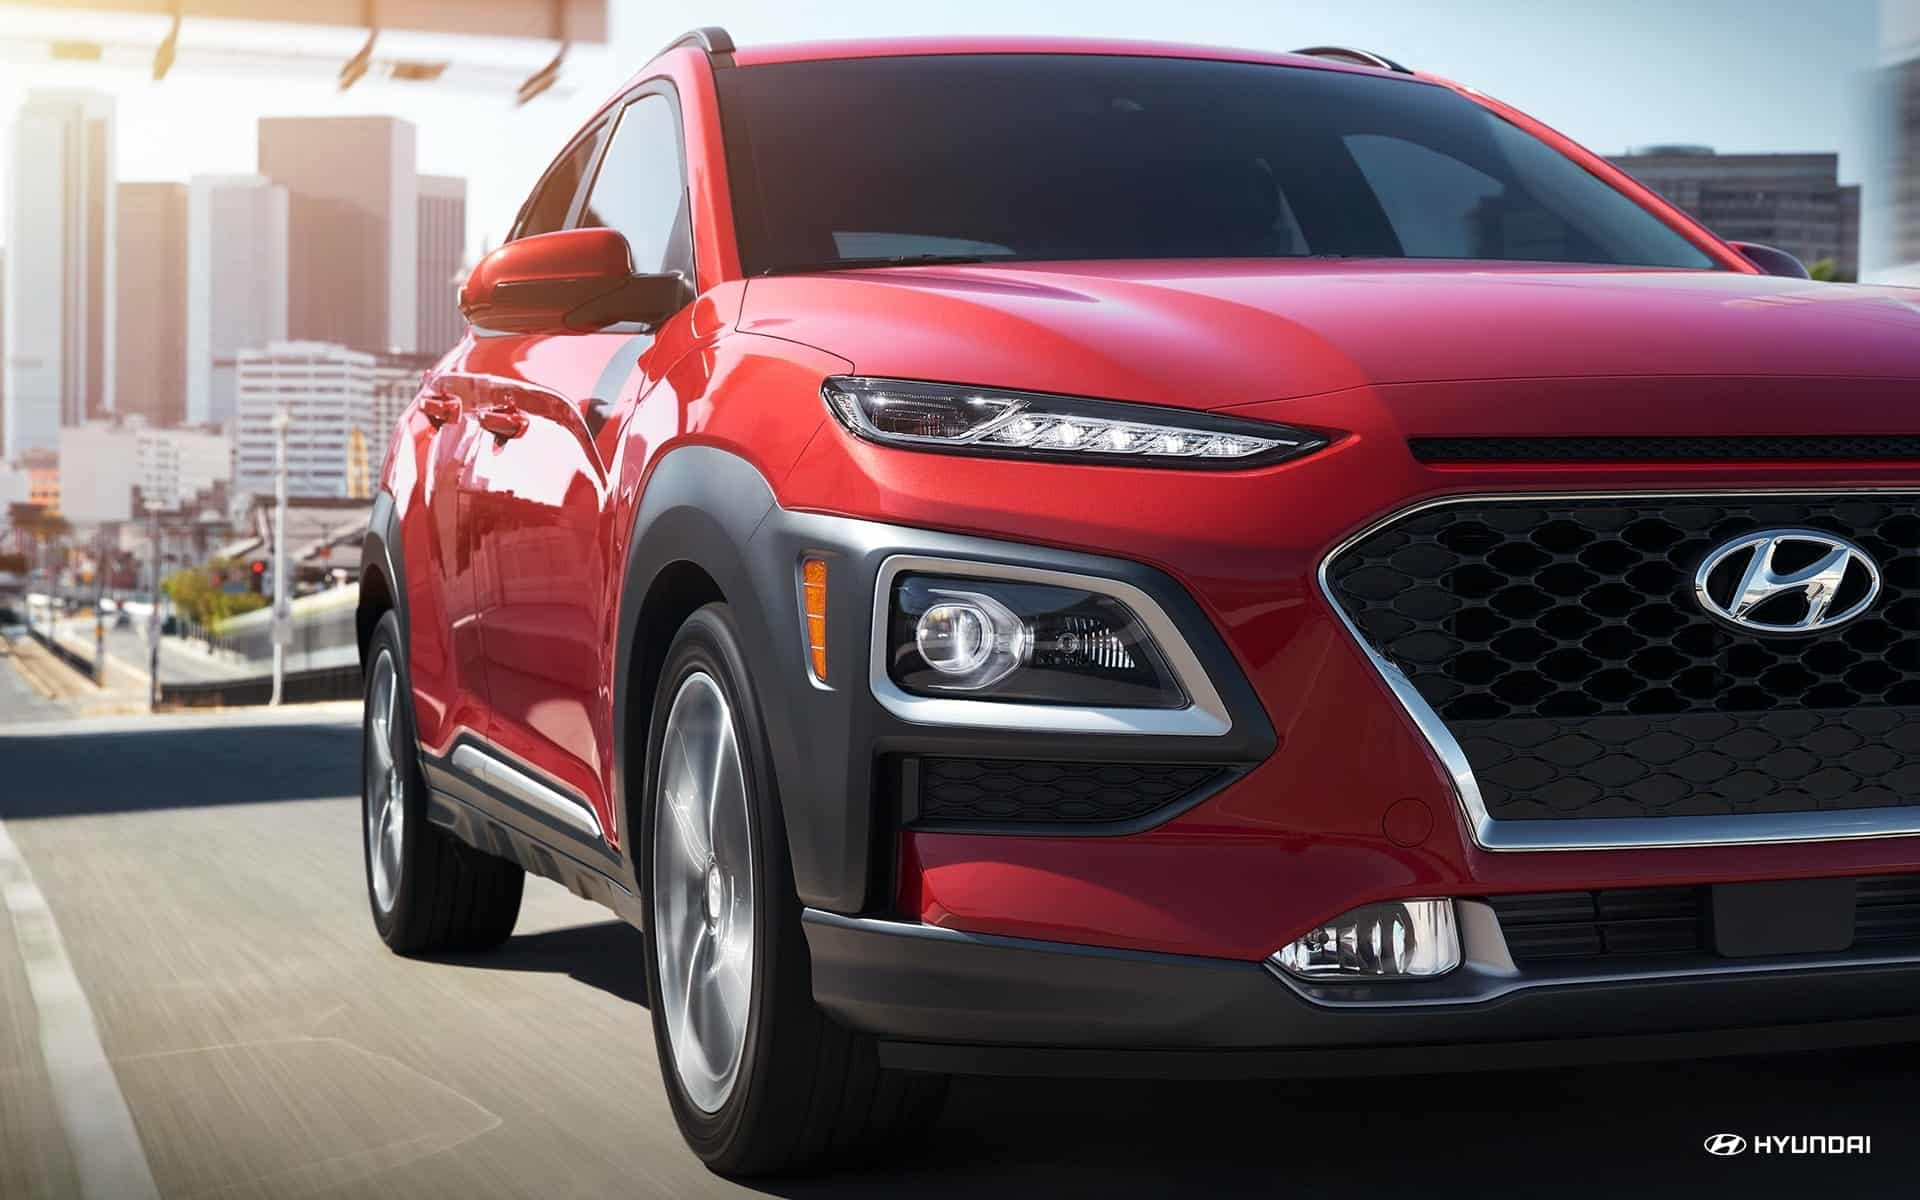 2020 Hyundai Kona Crossover SUV Offers Near Denver